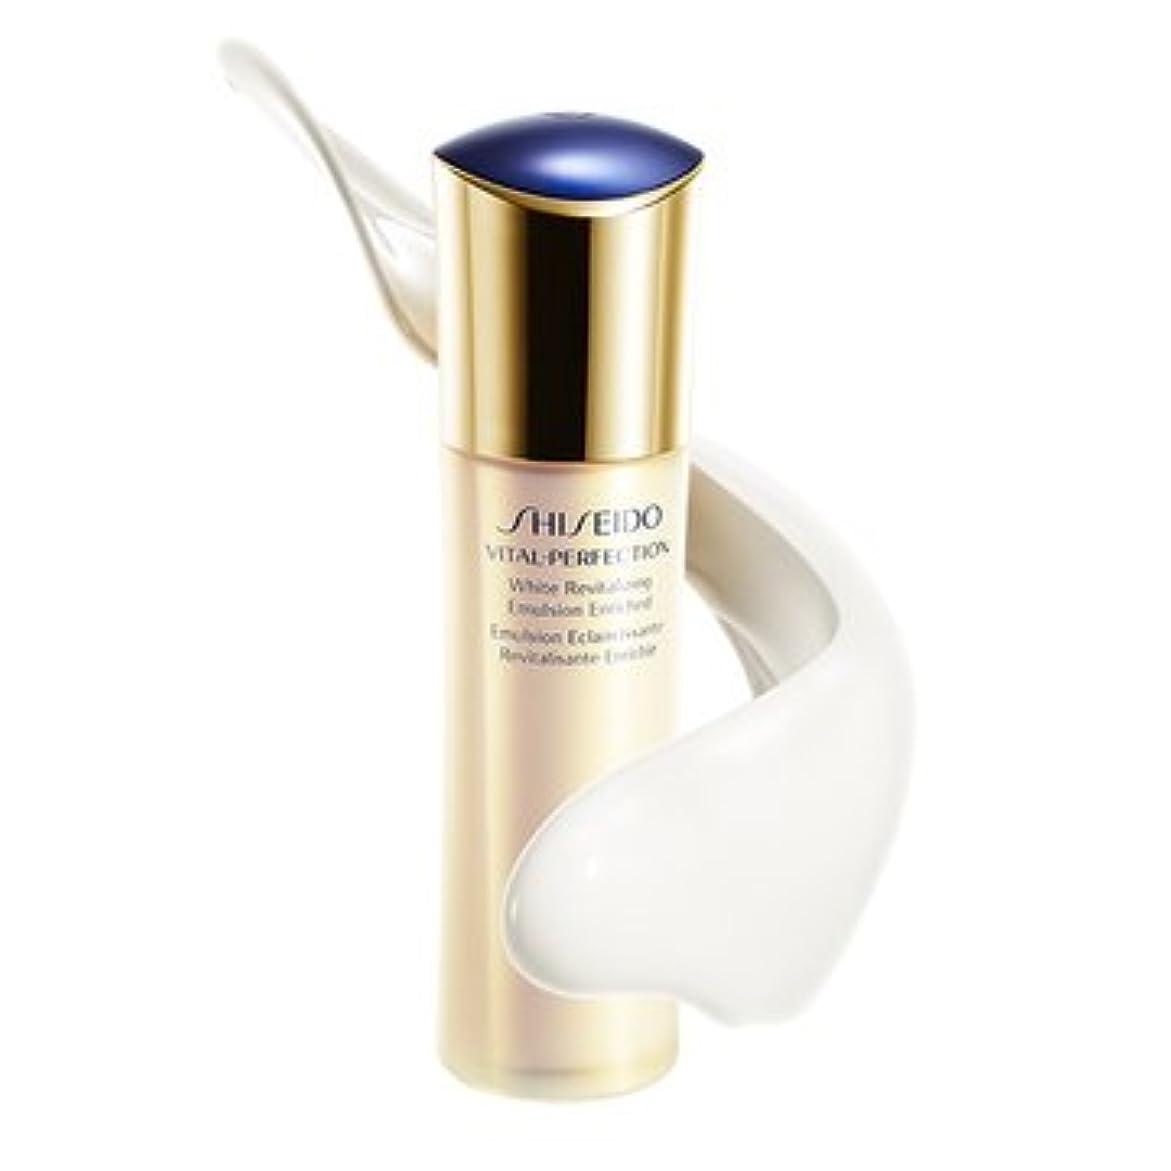 サミット連邦スタジオ資生堂/shiseido バイタルパーフェクション/VITAL-PERFECTION ホワイトRV エマルジョン(医薬部外品)美白乳液